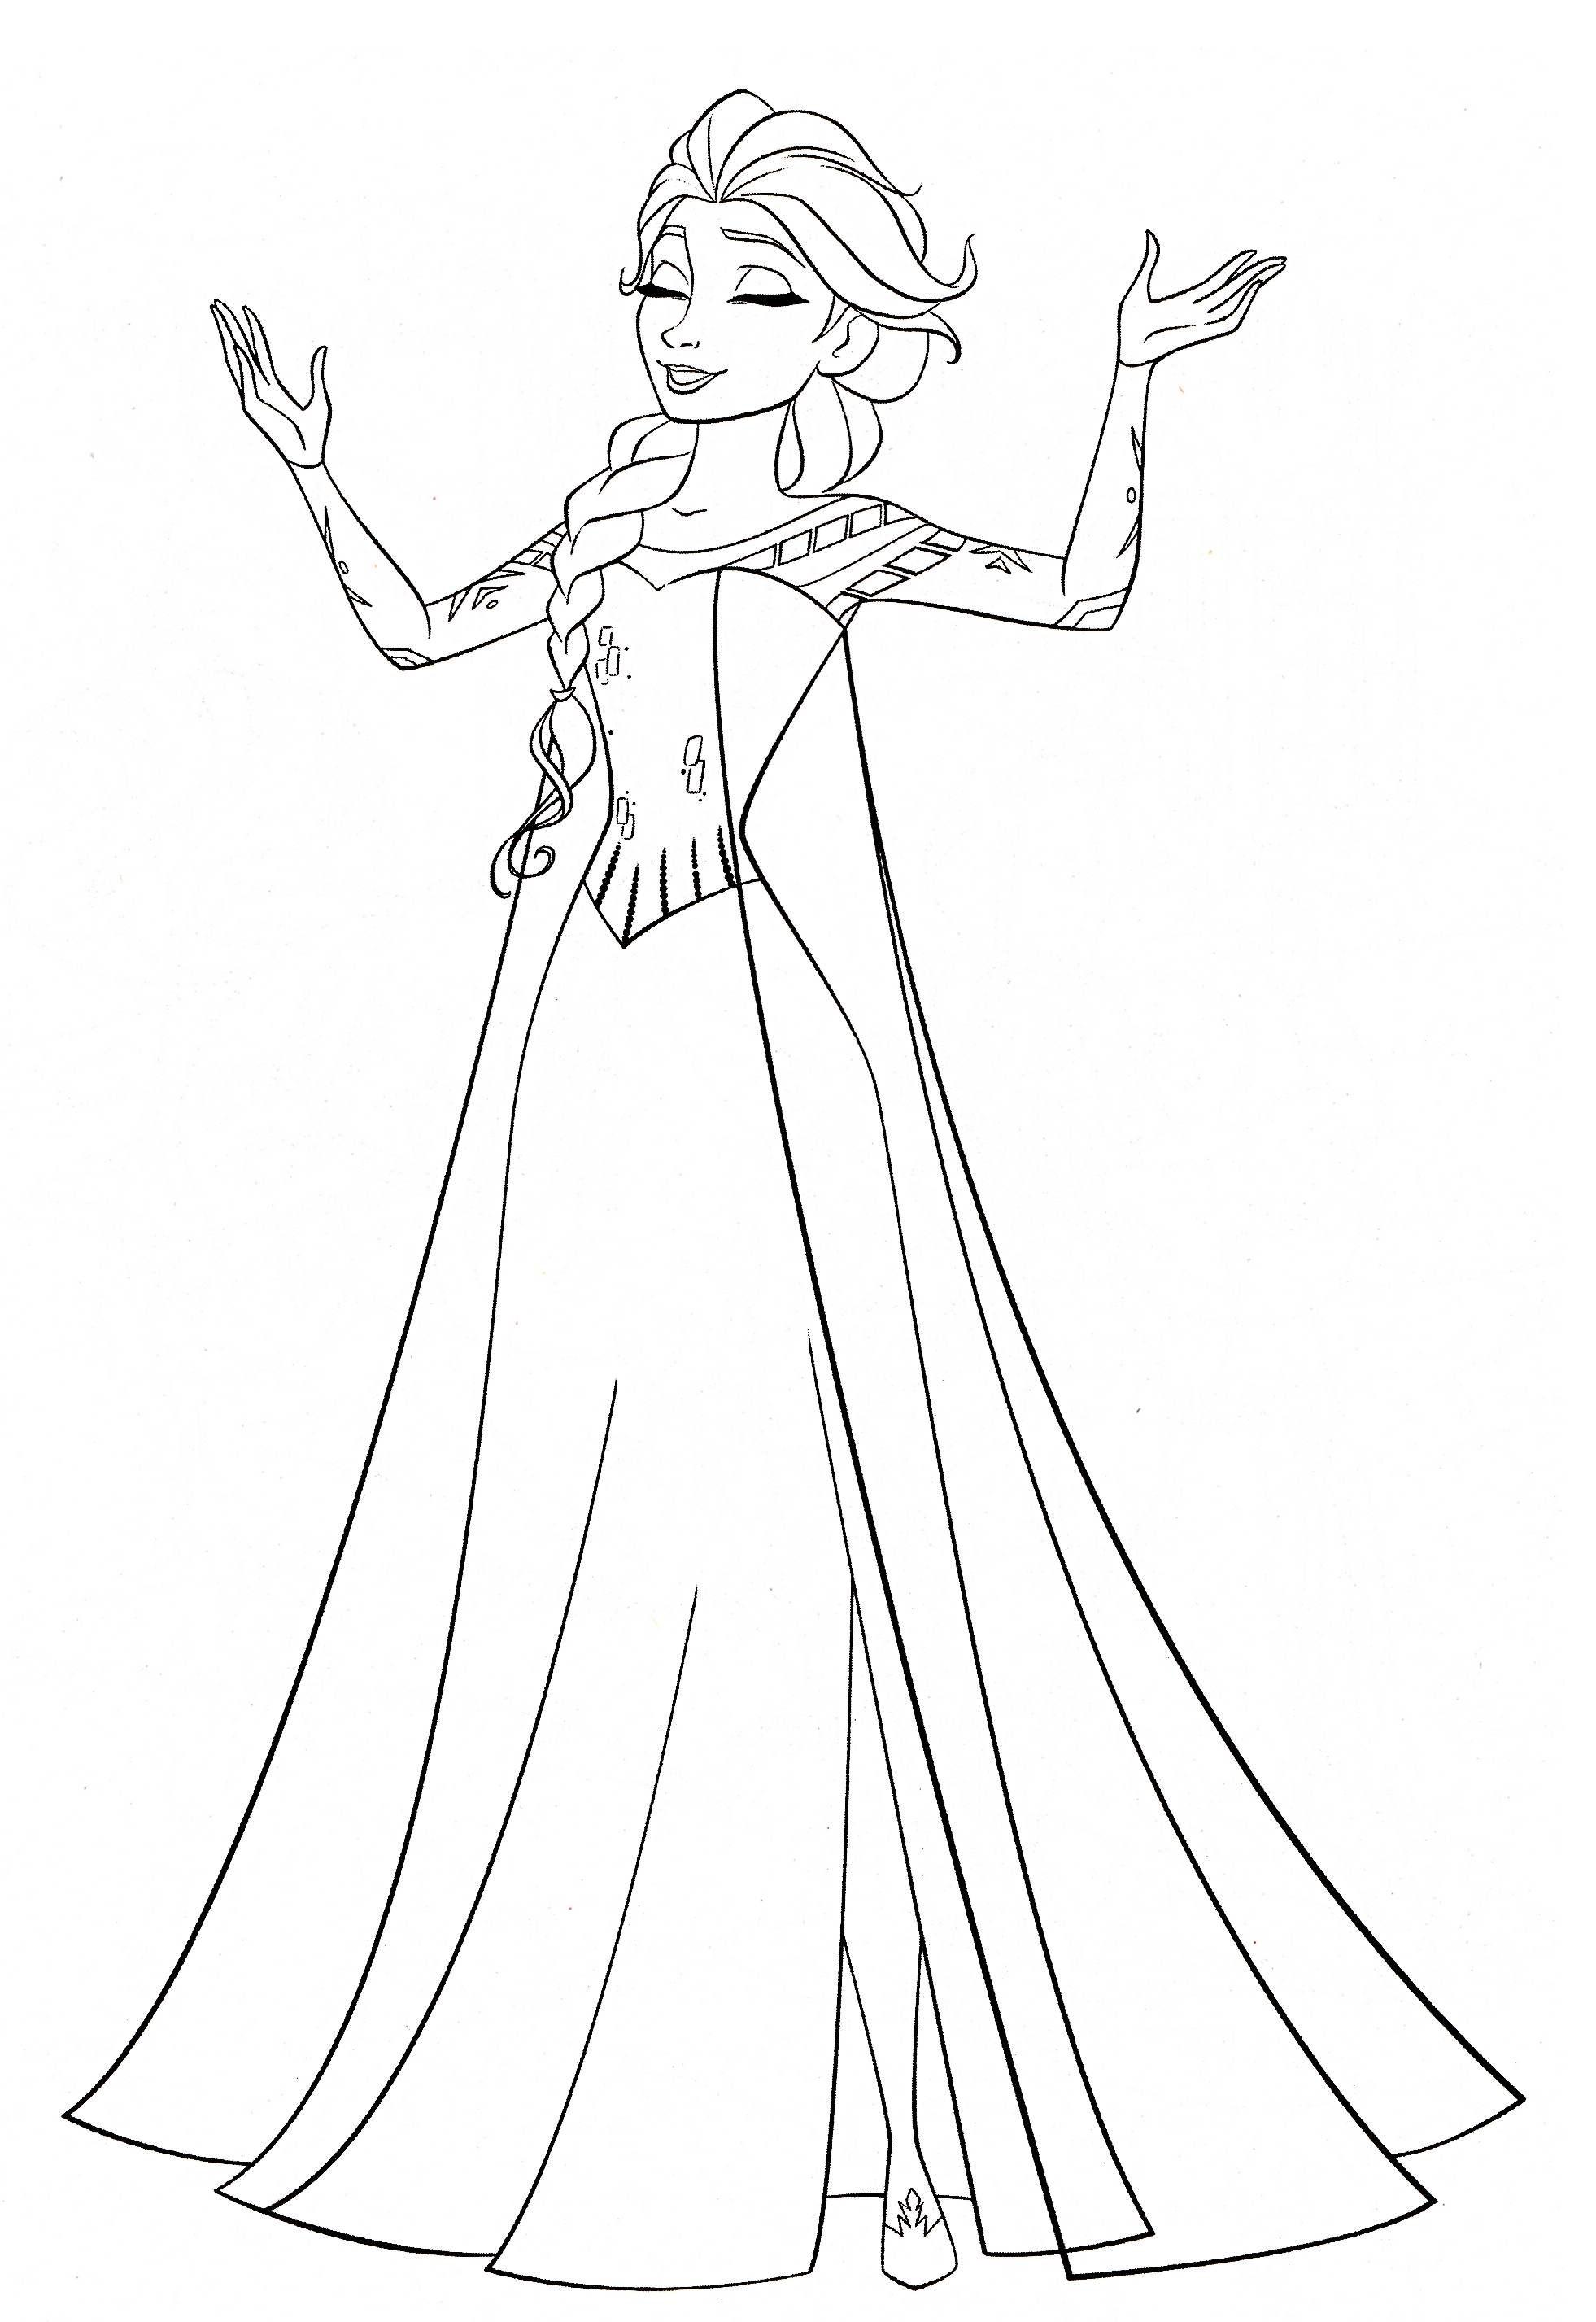 Ausmalbilder Zum Ausdrucken Anna Und Elsa in 11  Disney